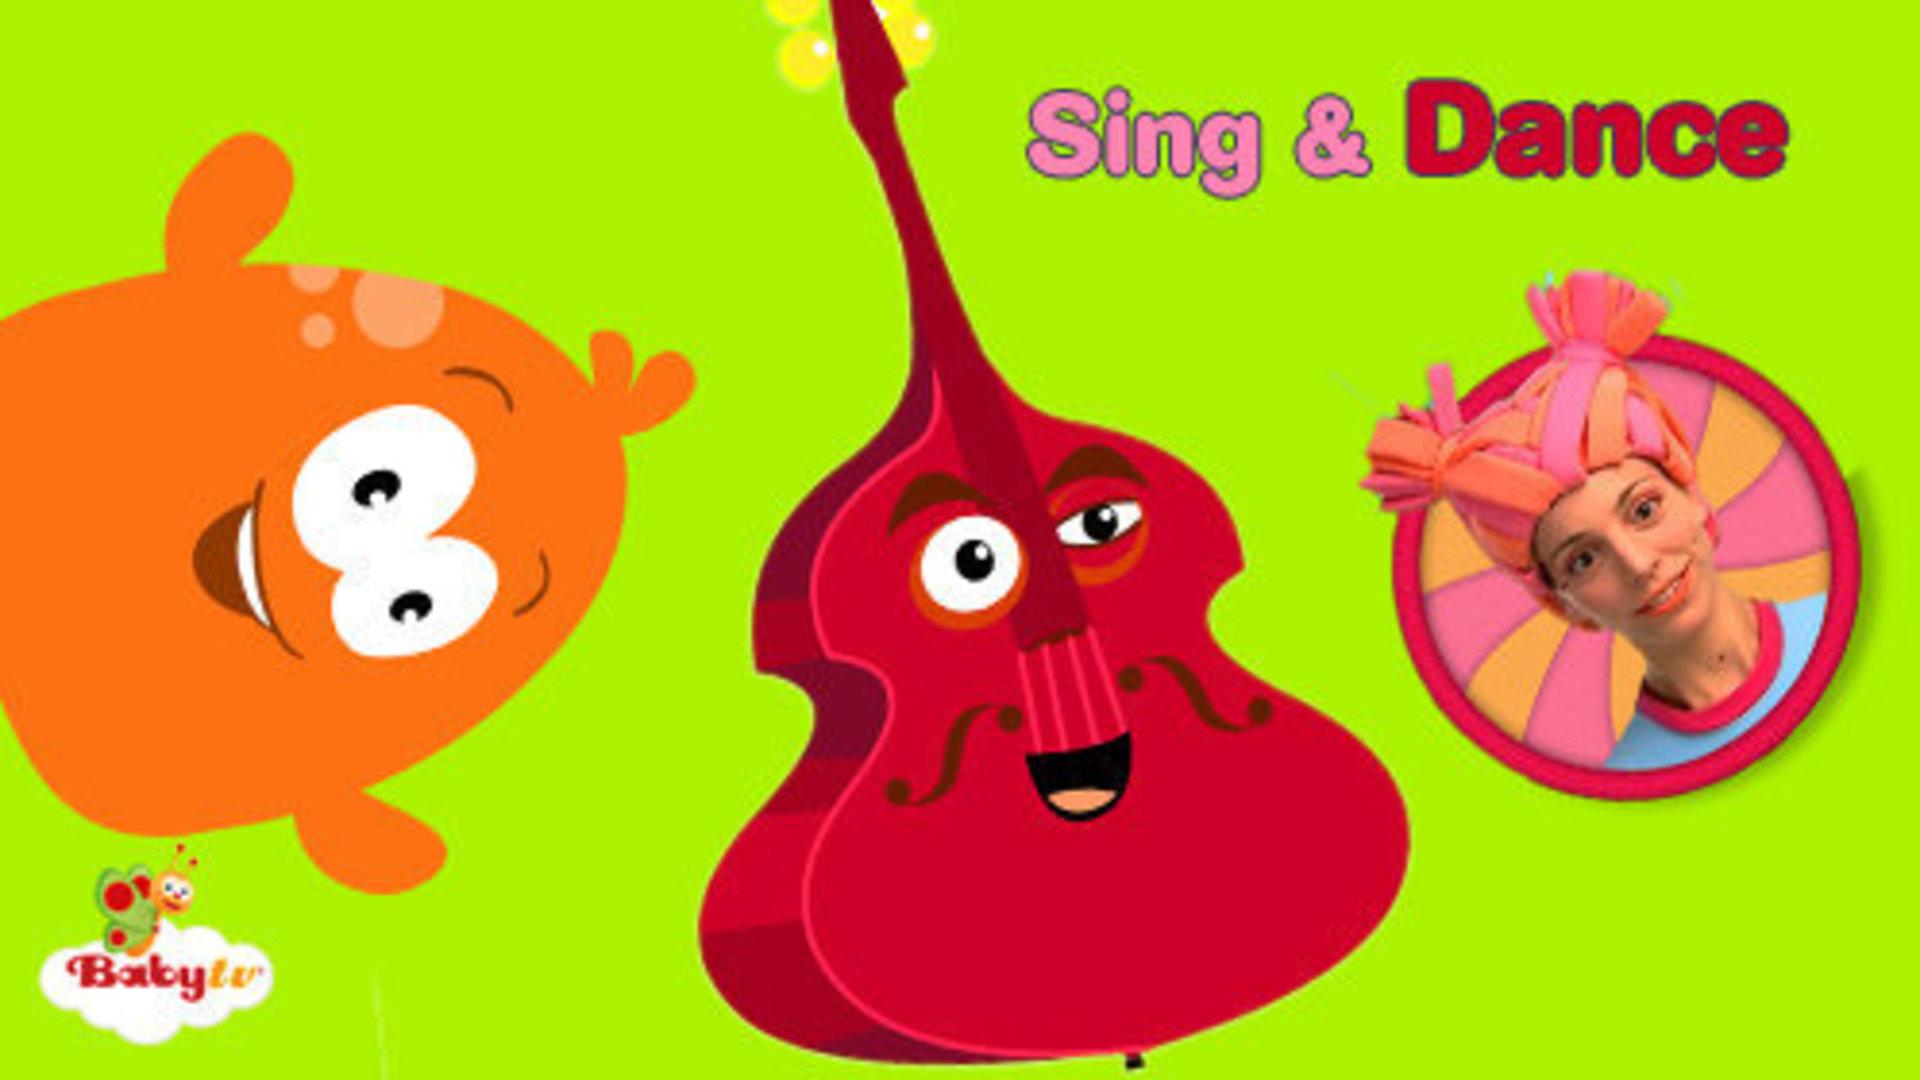 唱歌和跳舞 英文版